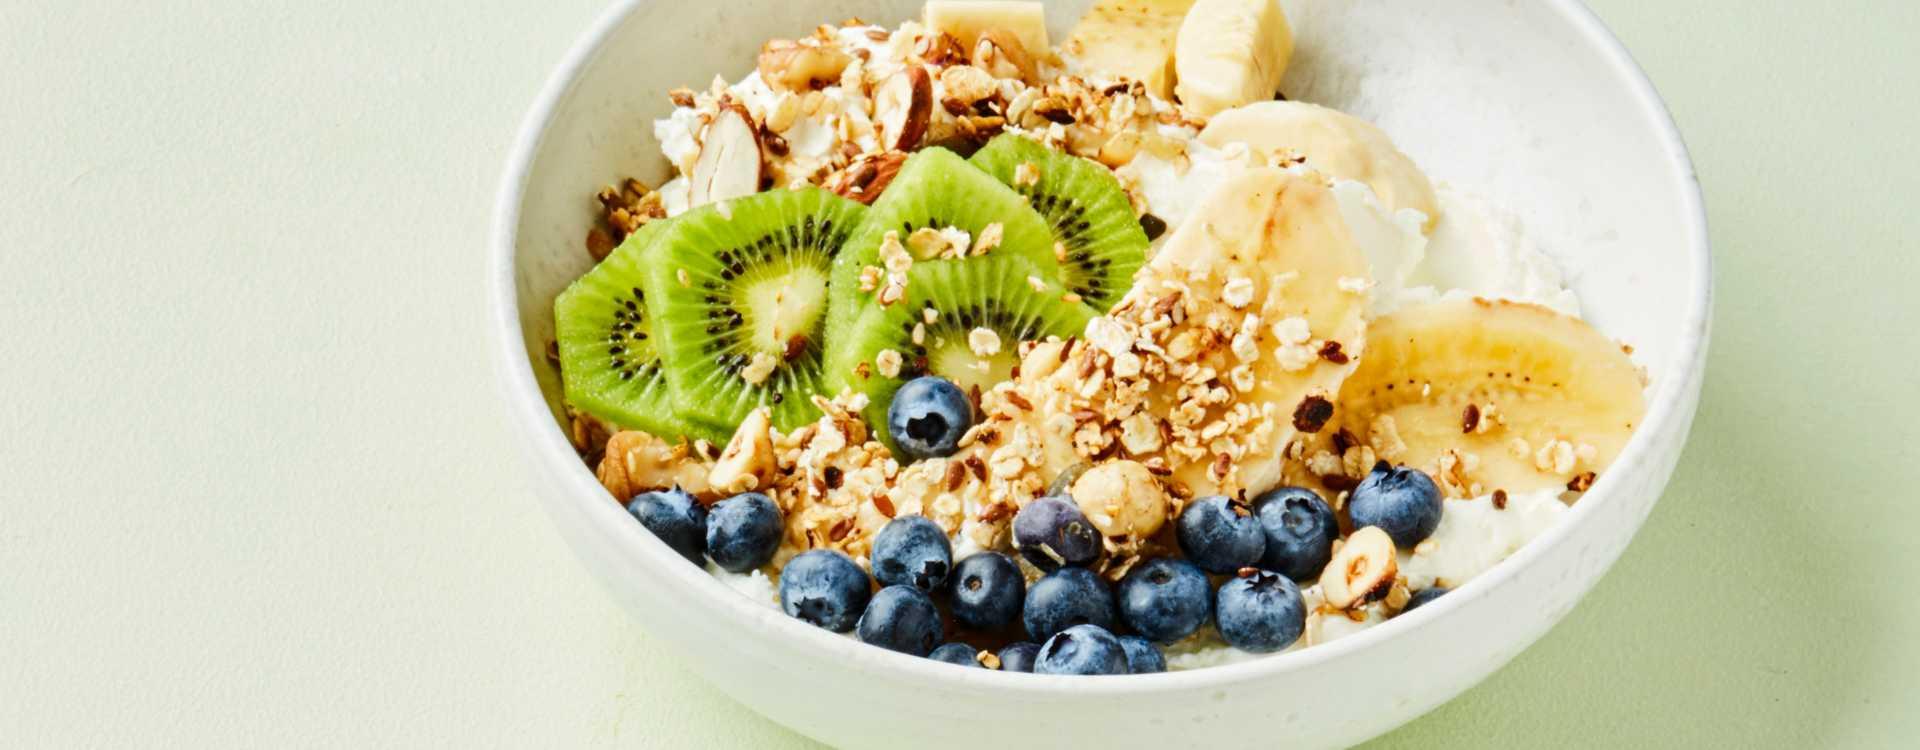 Yoghurtbowl med müsli, frukt og bær